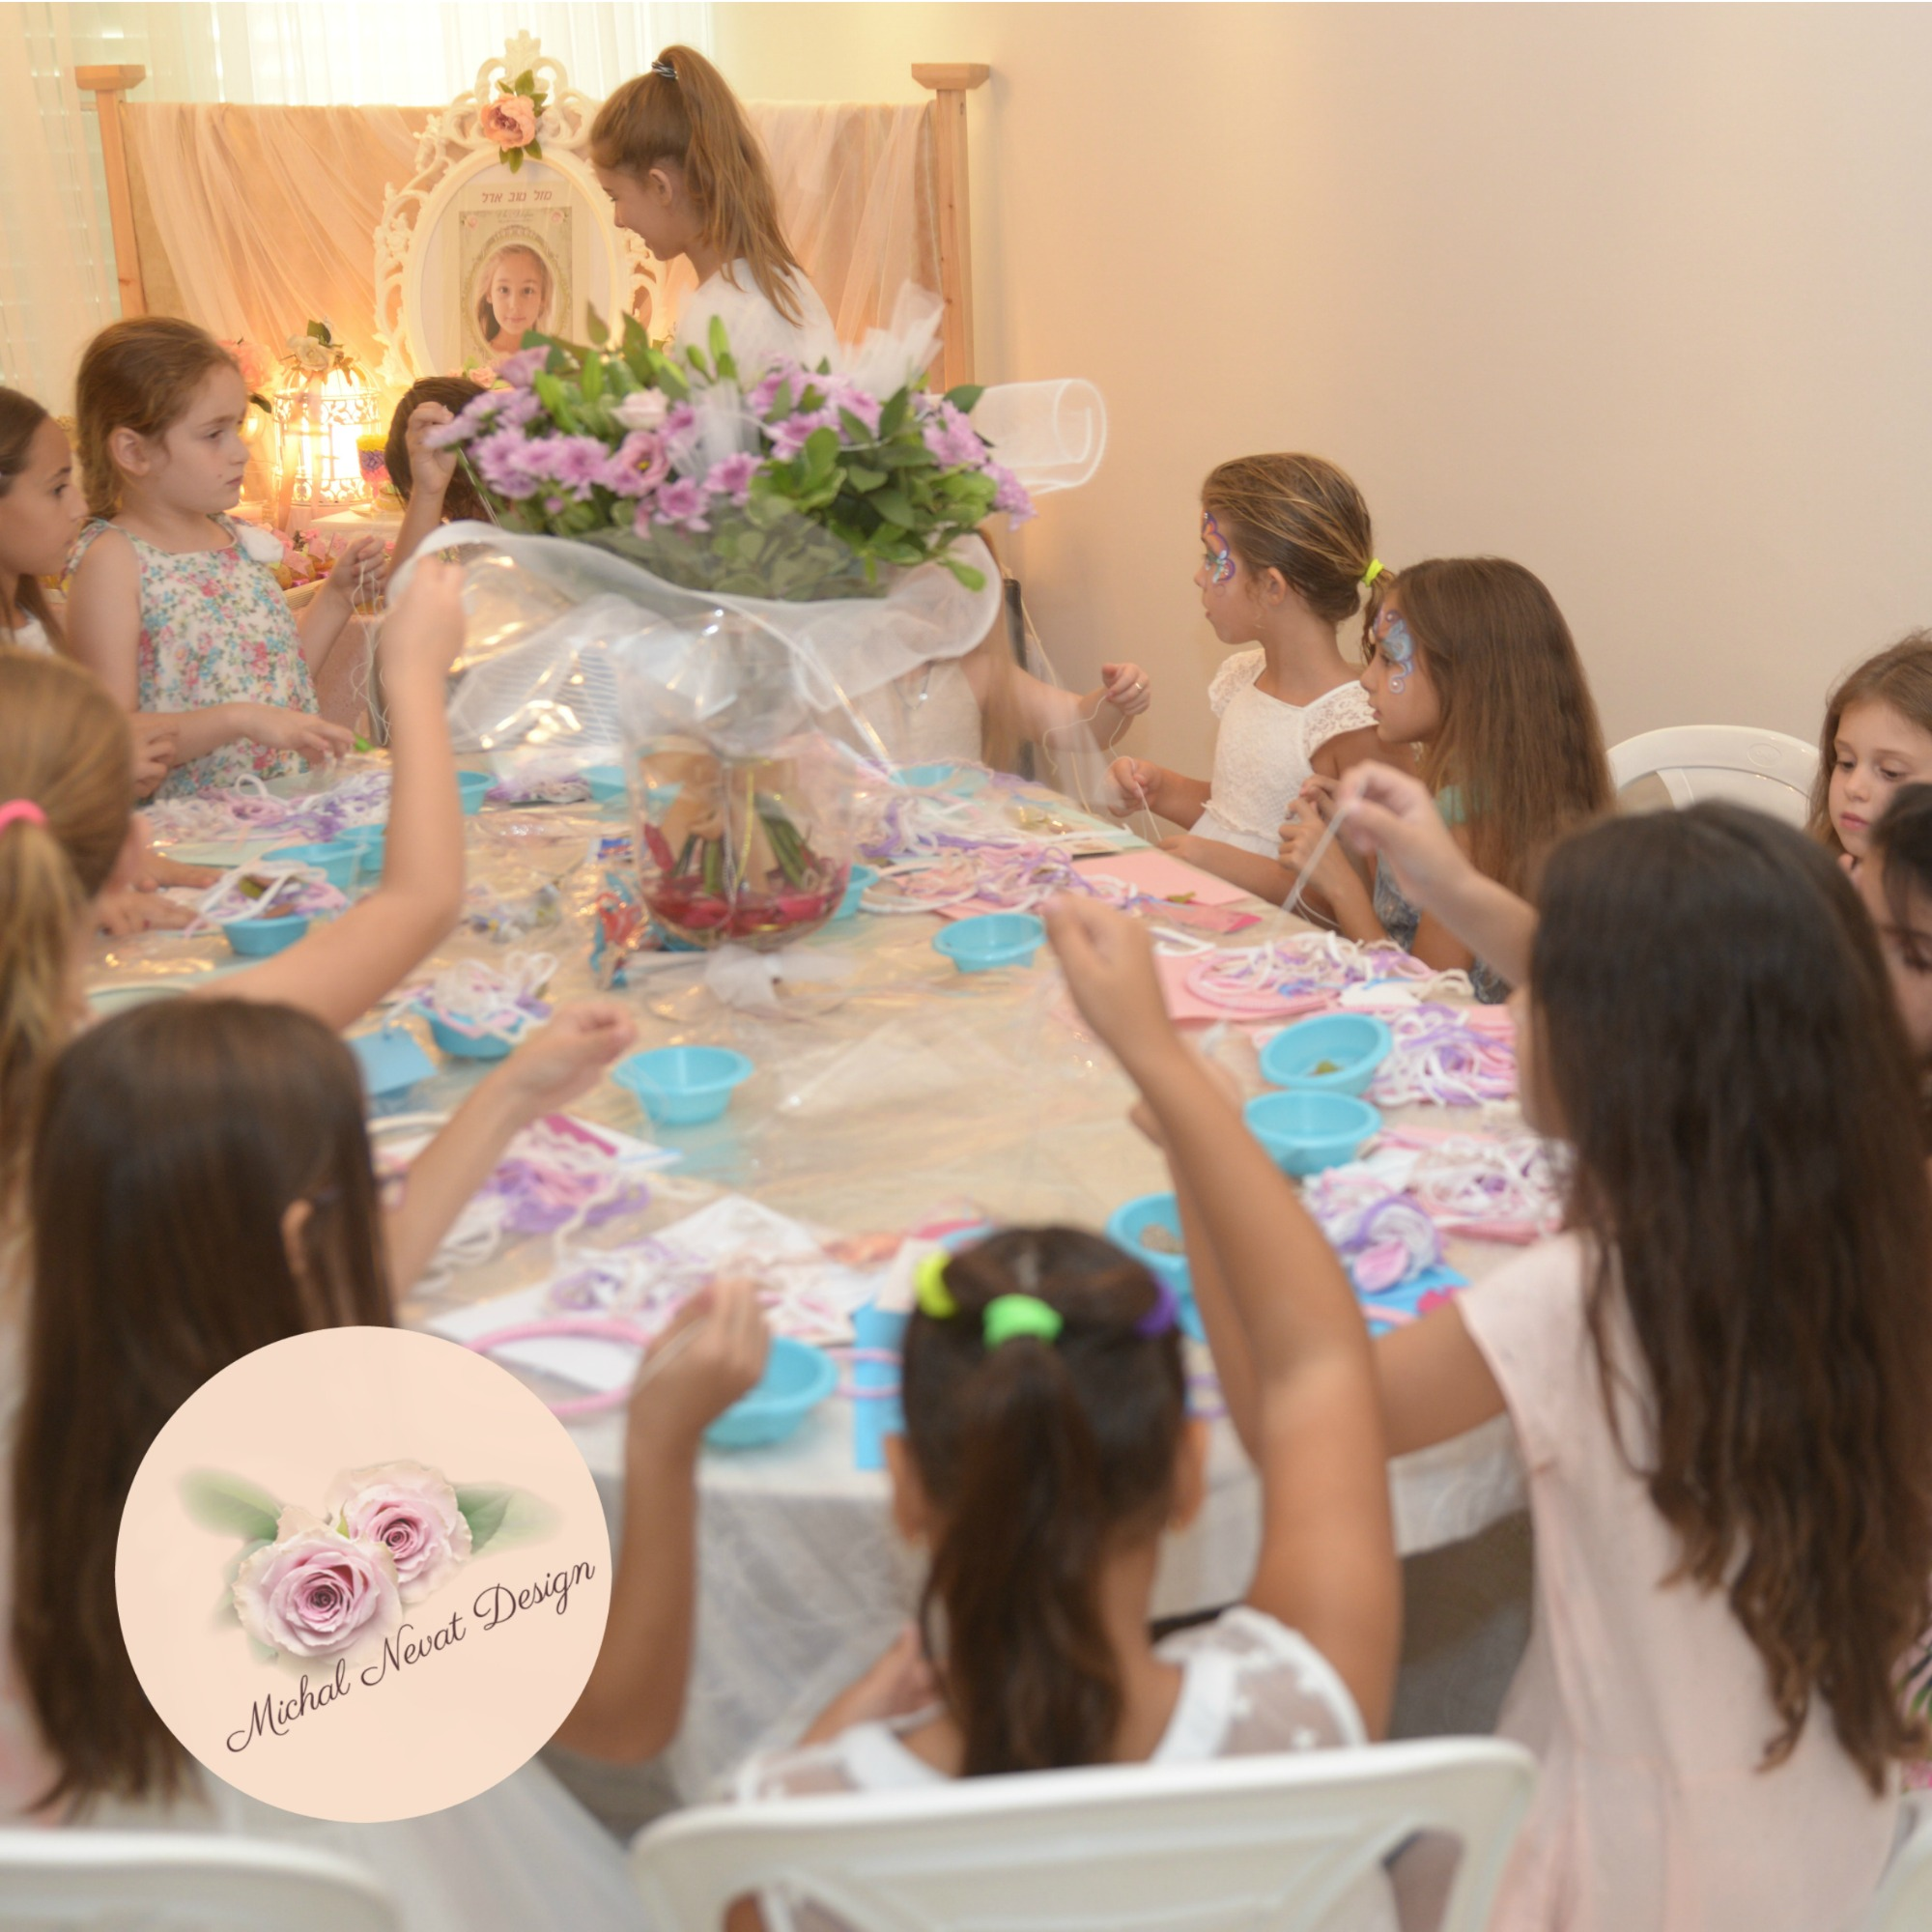 הפעלת יום הולדת בנות, סדנאות יצירה ליום הולדת בנות